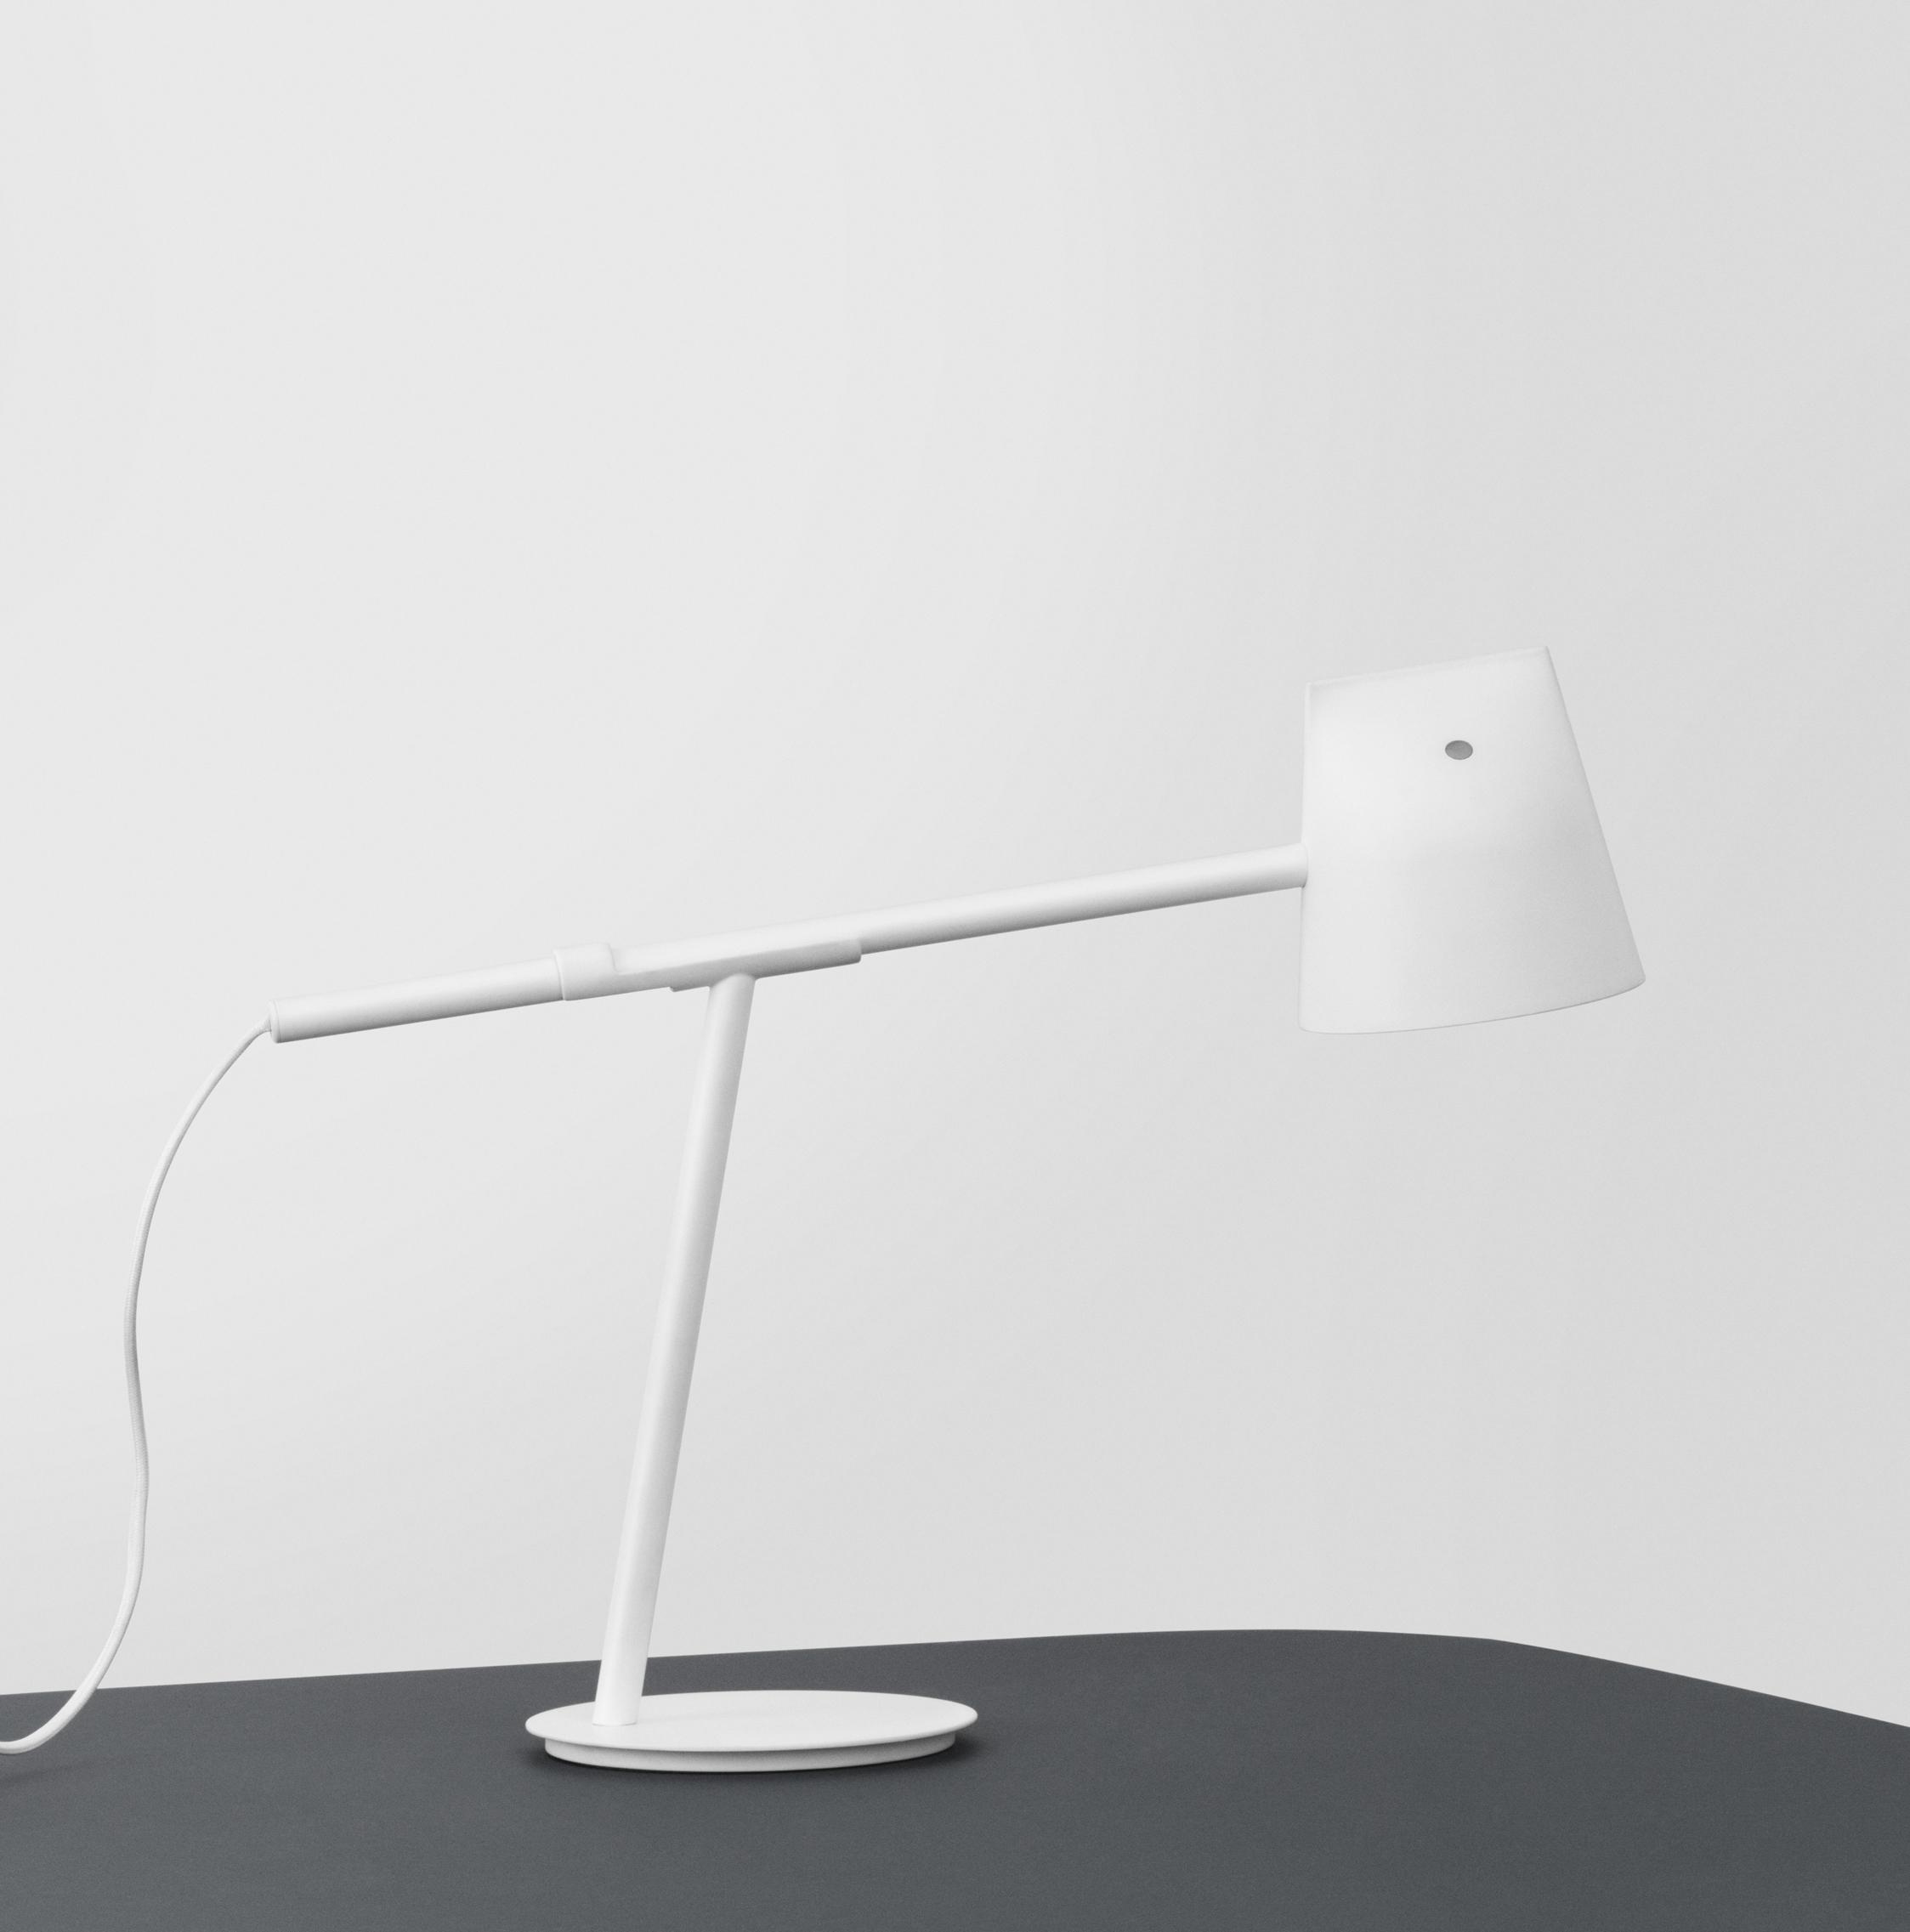 White Momento lamp By Debiasi Sadndri for Normann Copenhagen